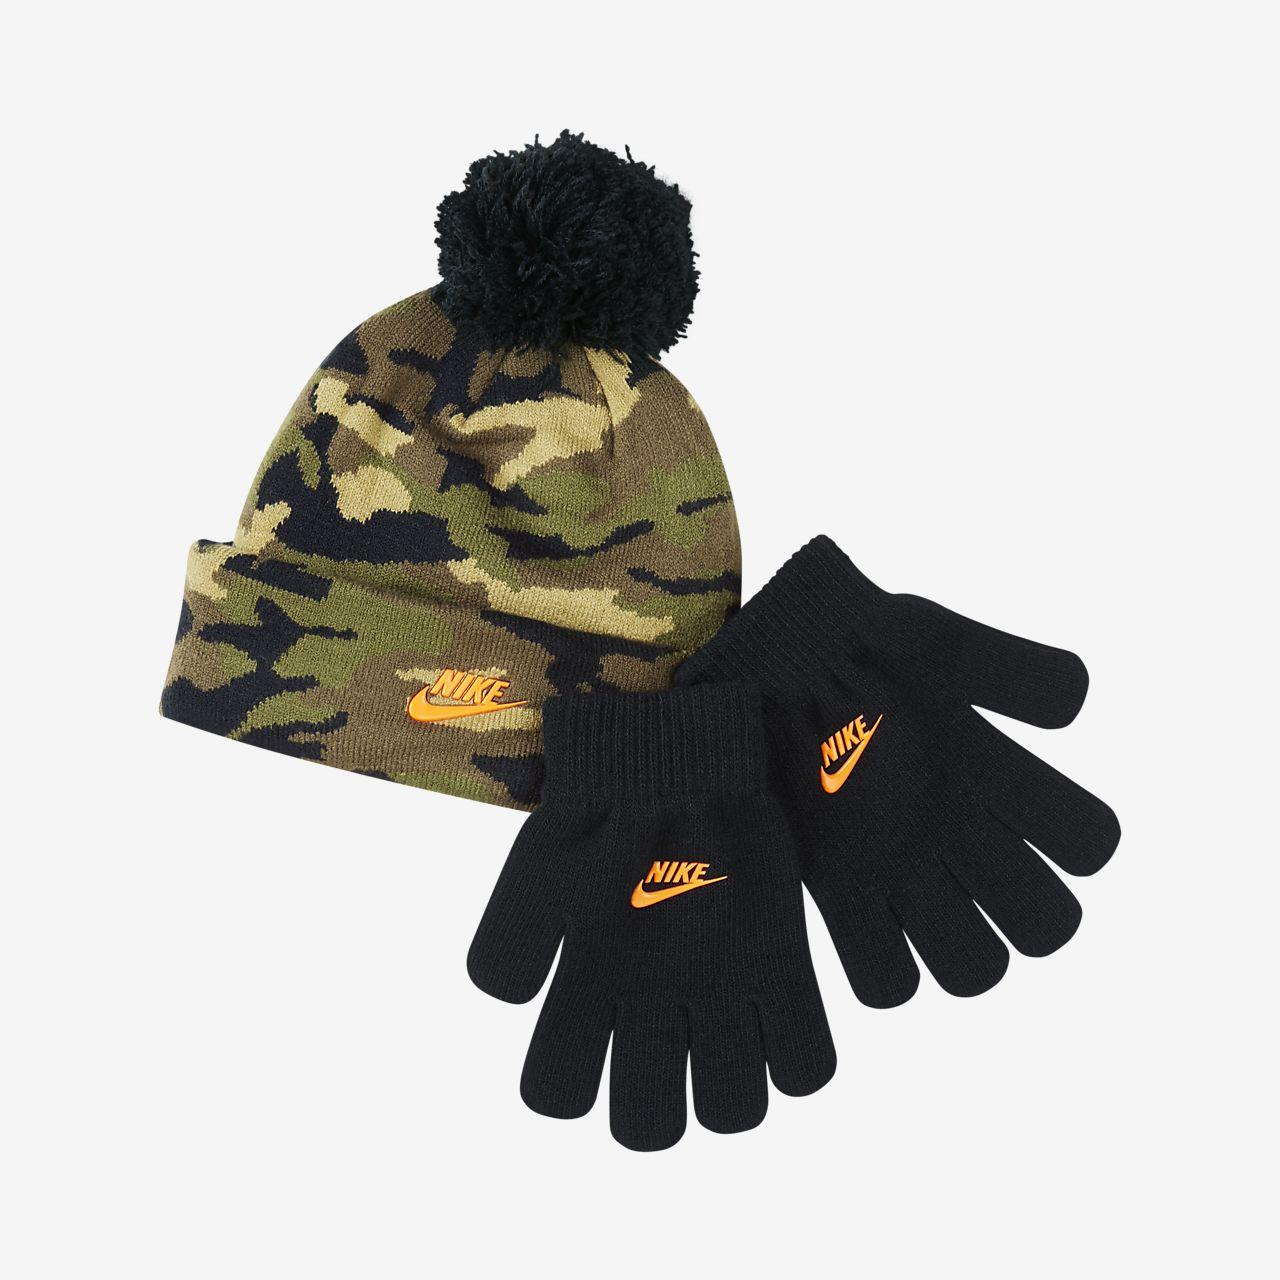 Mentalidad Universidad pesadilla  Nike Conjunto de gorro y guantes - Niño/a pequeño/a. Nike ES